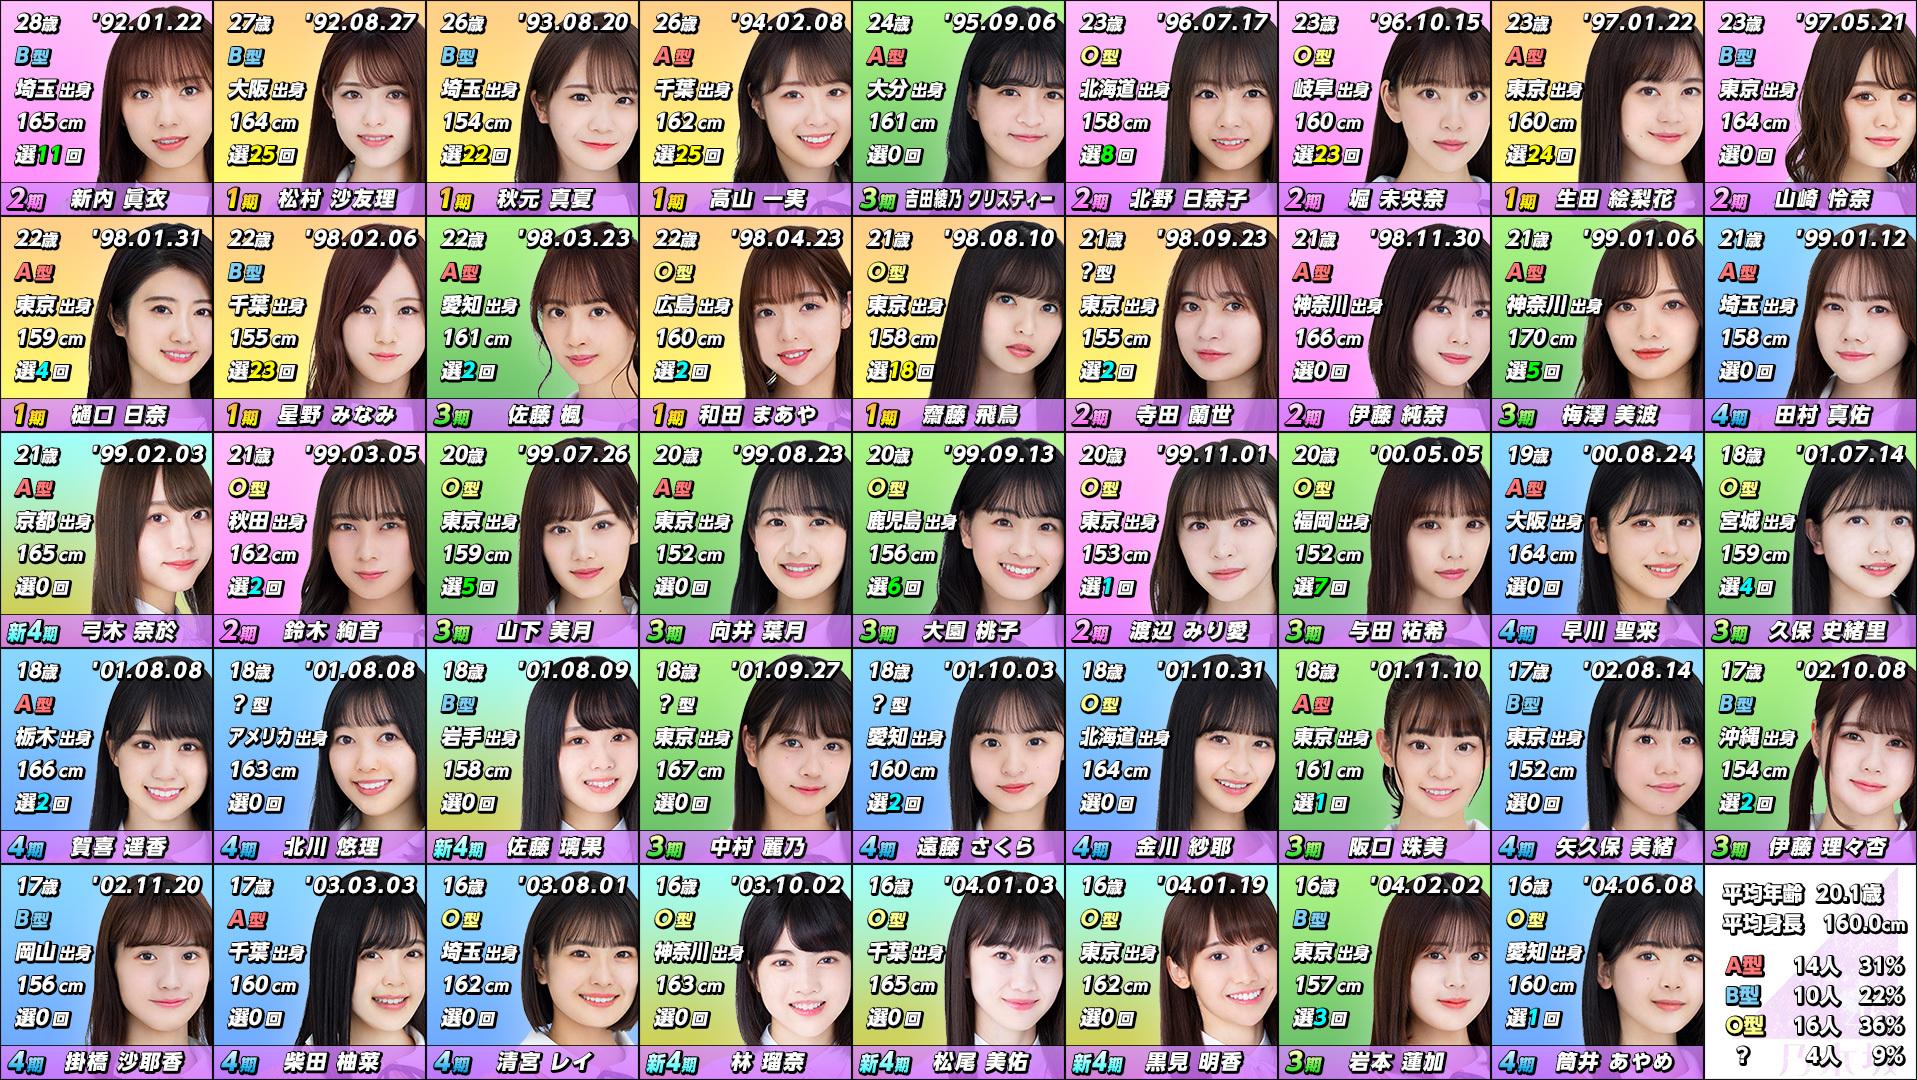 【乃木坂46】中田卒業後のメンバーを生年月日順に並べてみた